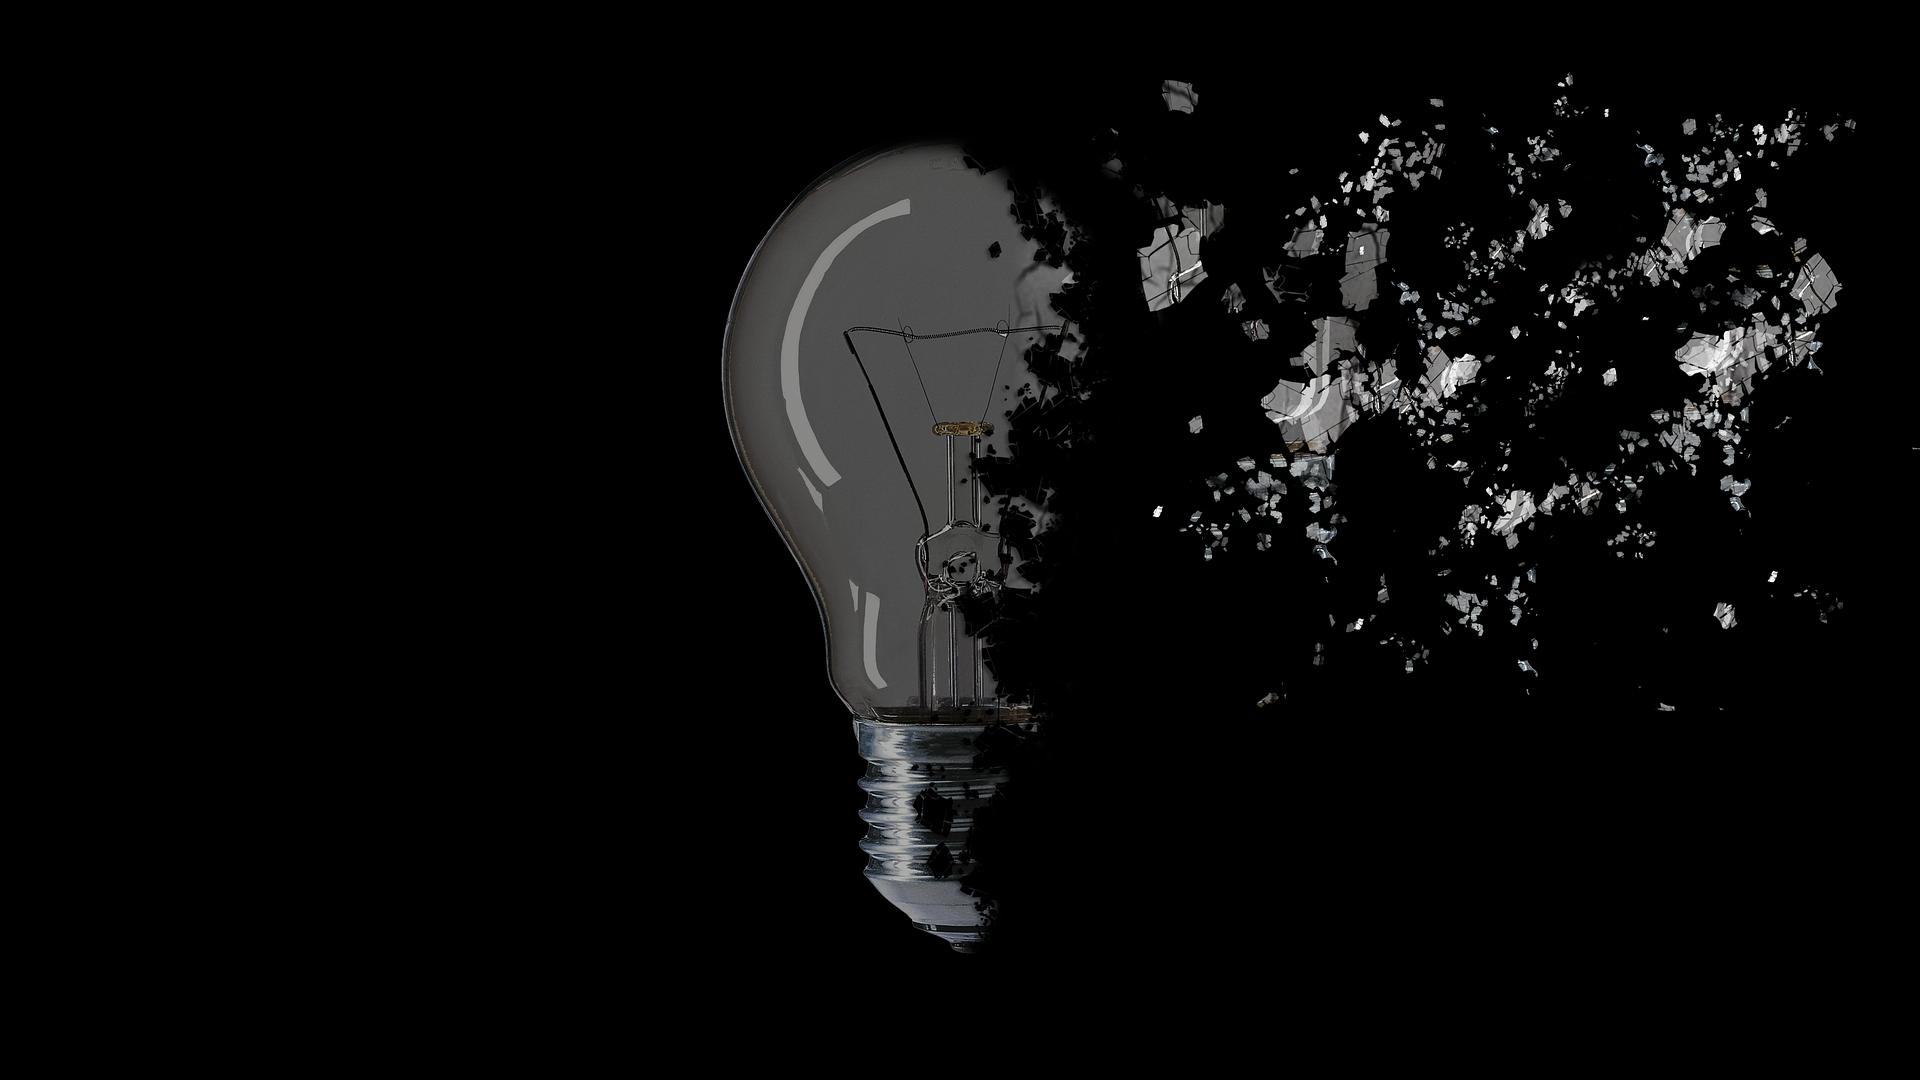 lamp-3043886_1920